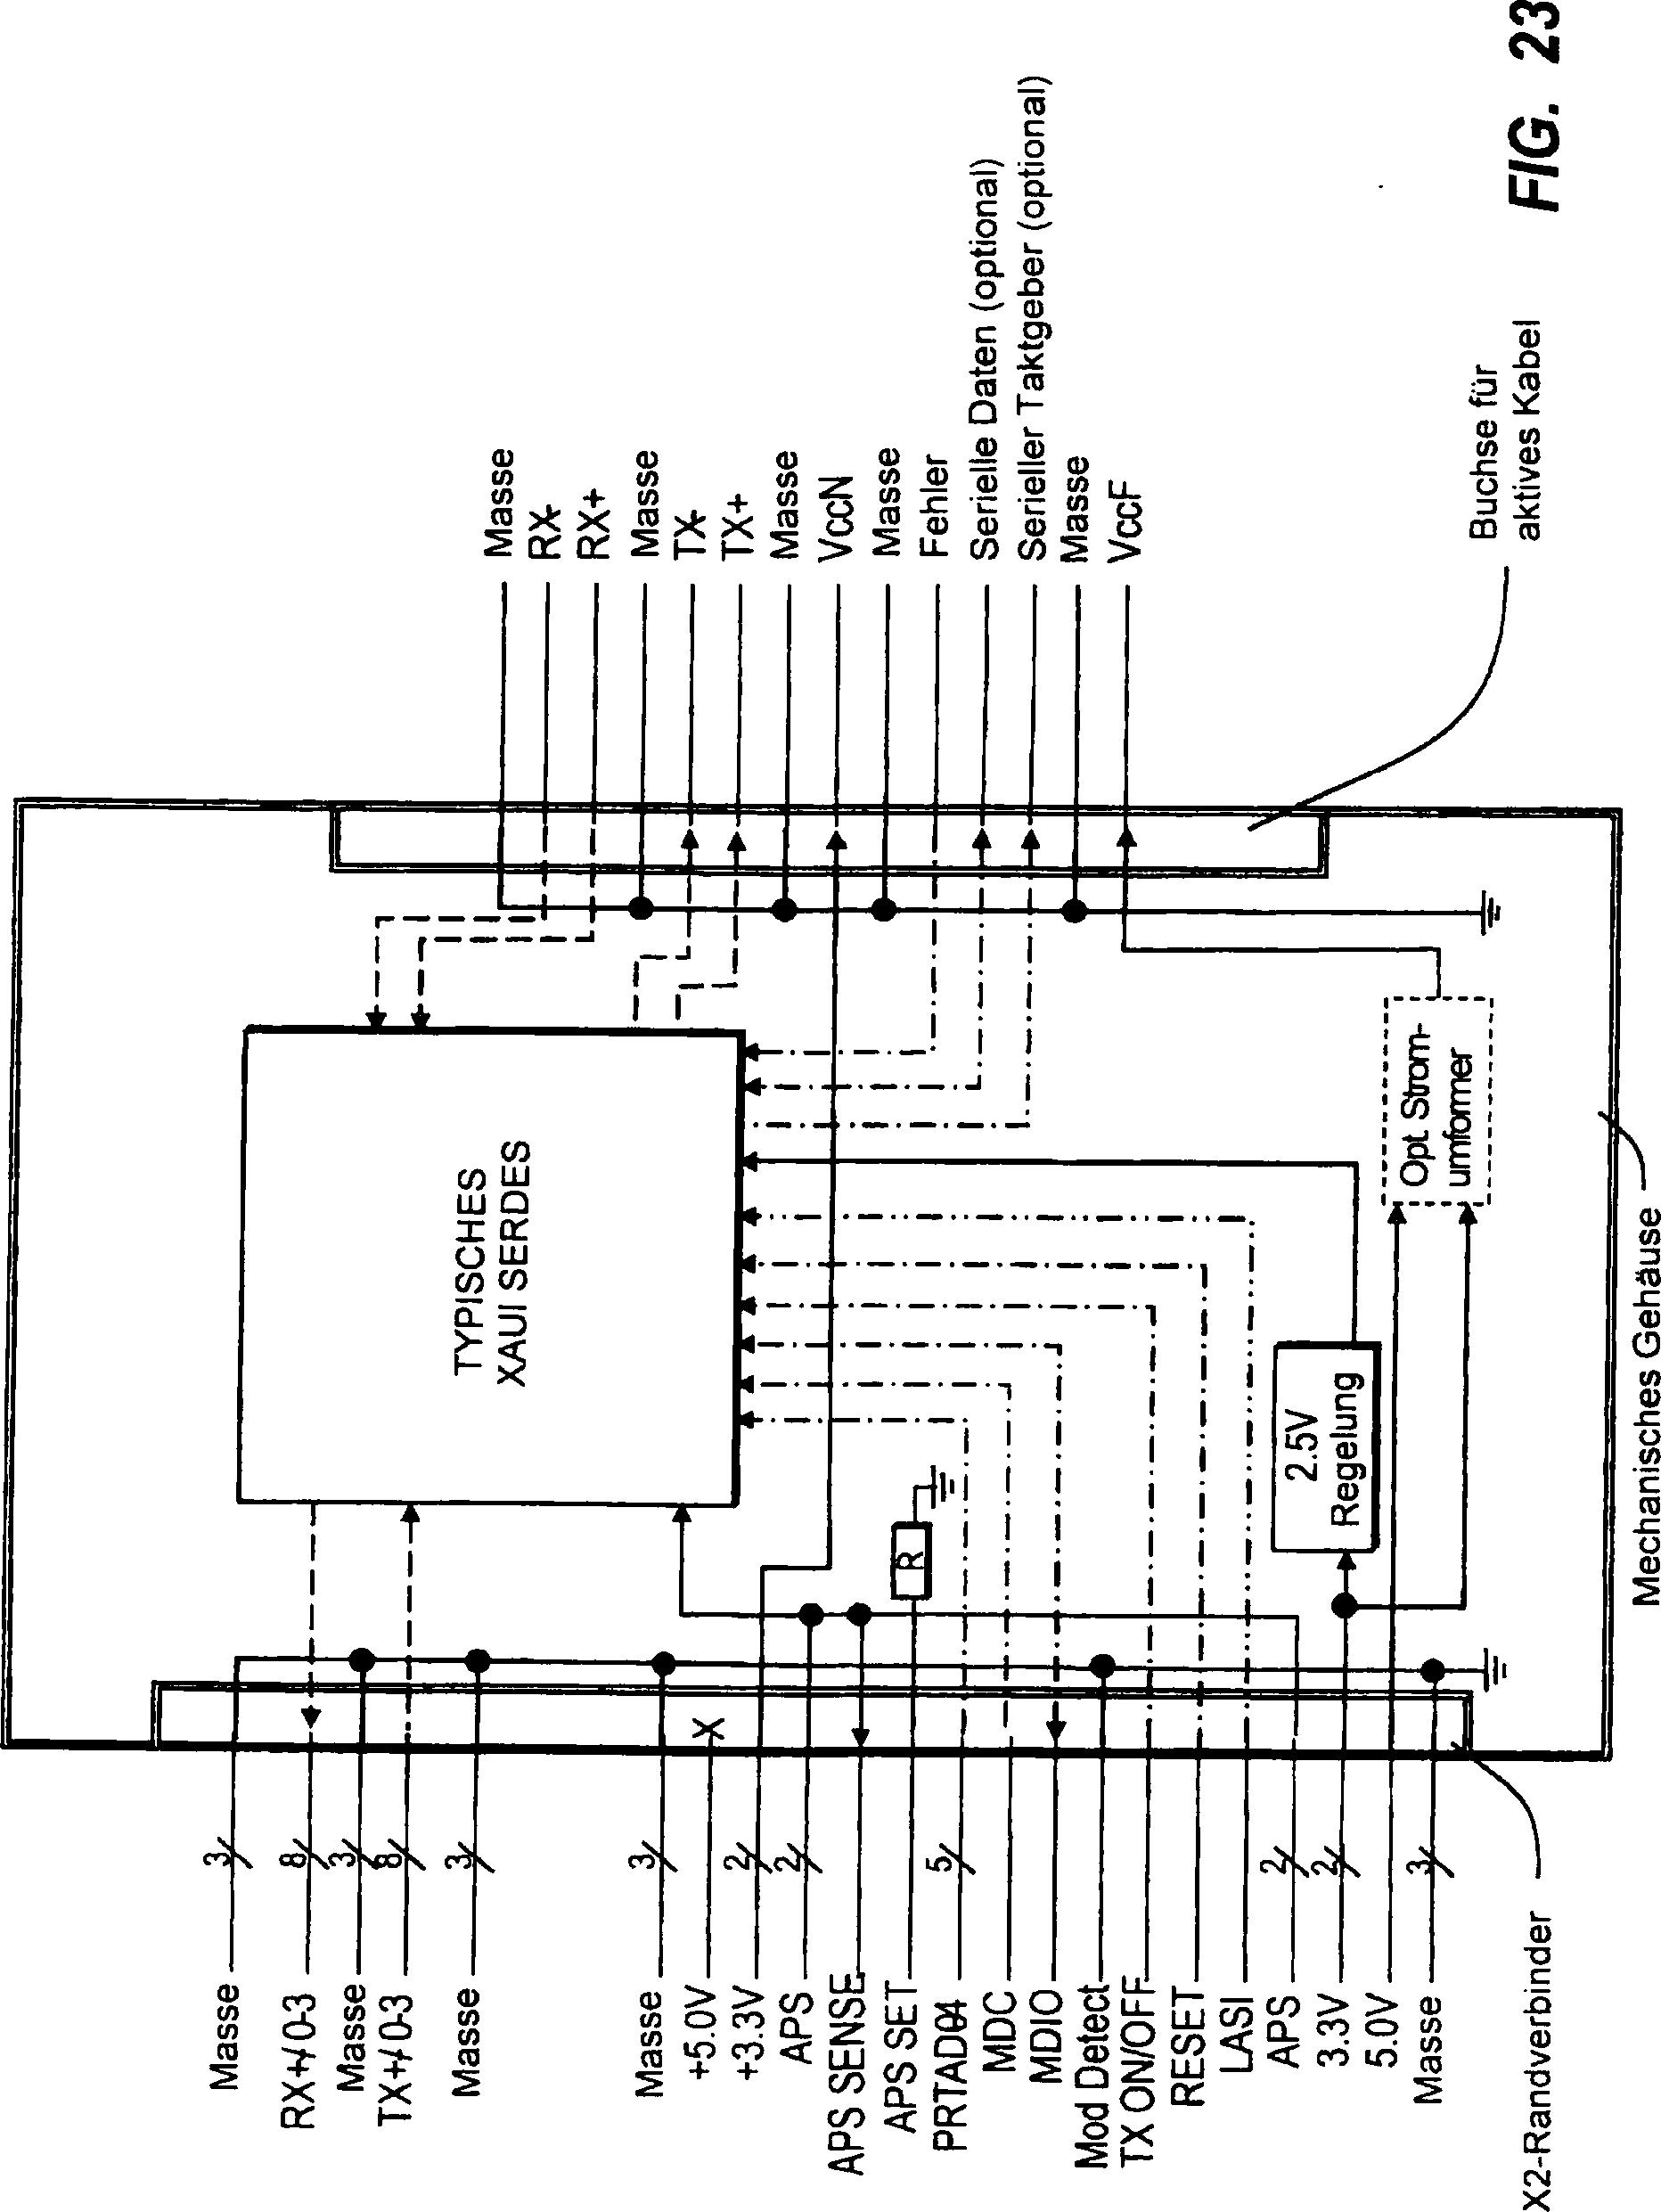 Beste Duplex Ausgangsverdrahtung Galerie - Elektrische Schaltplan ...